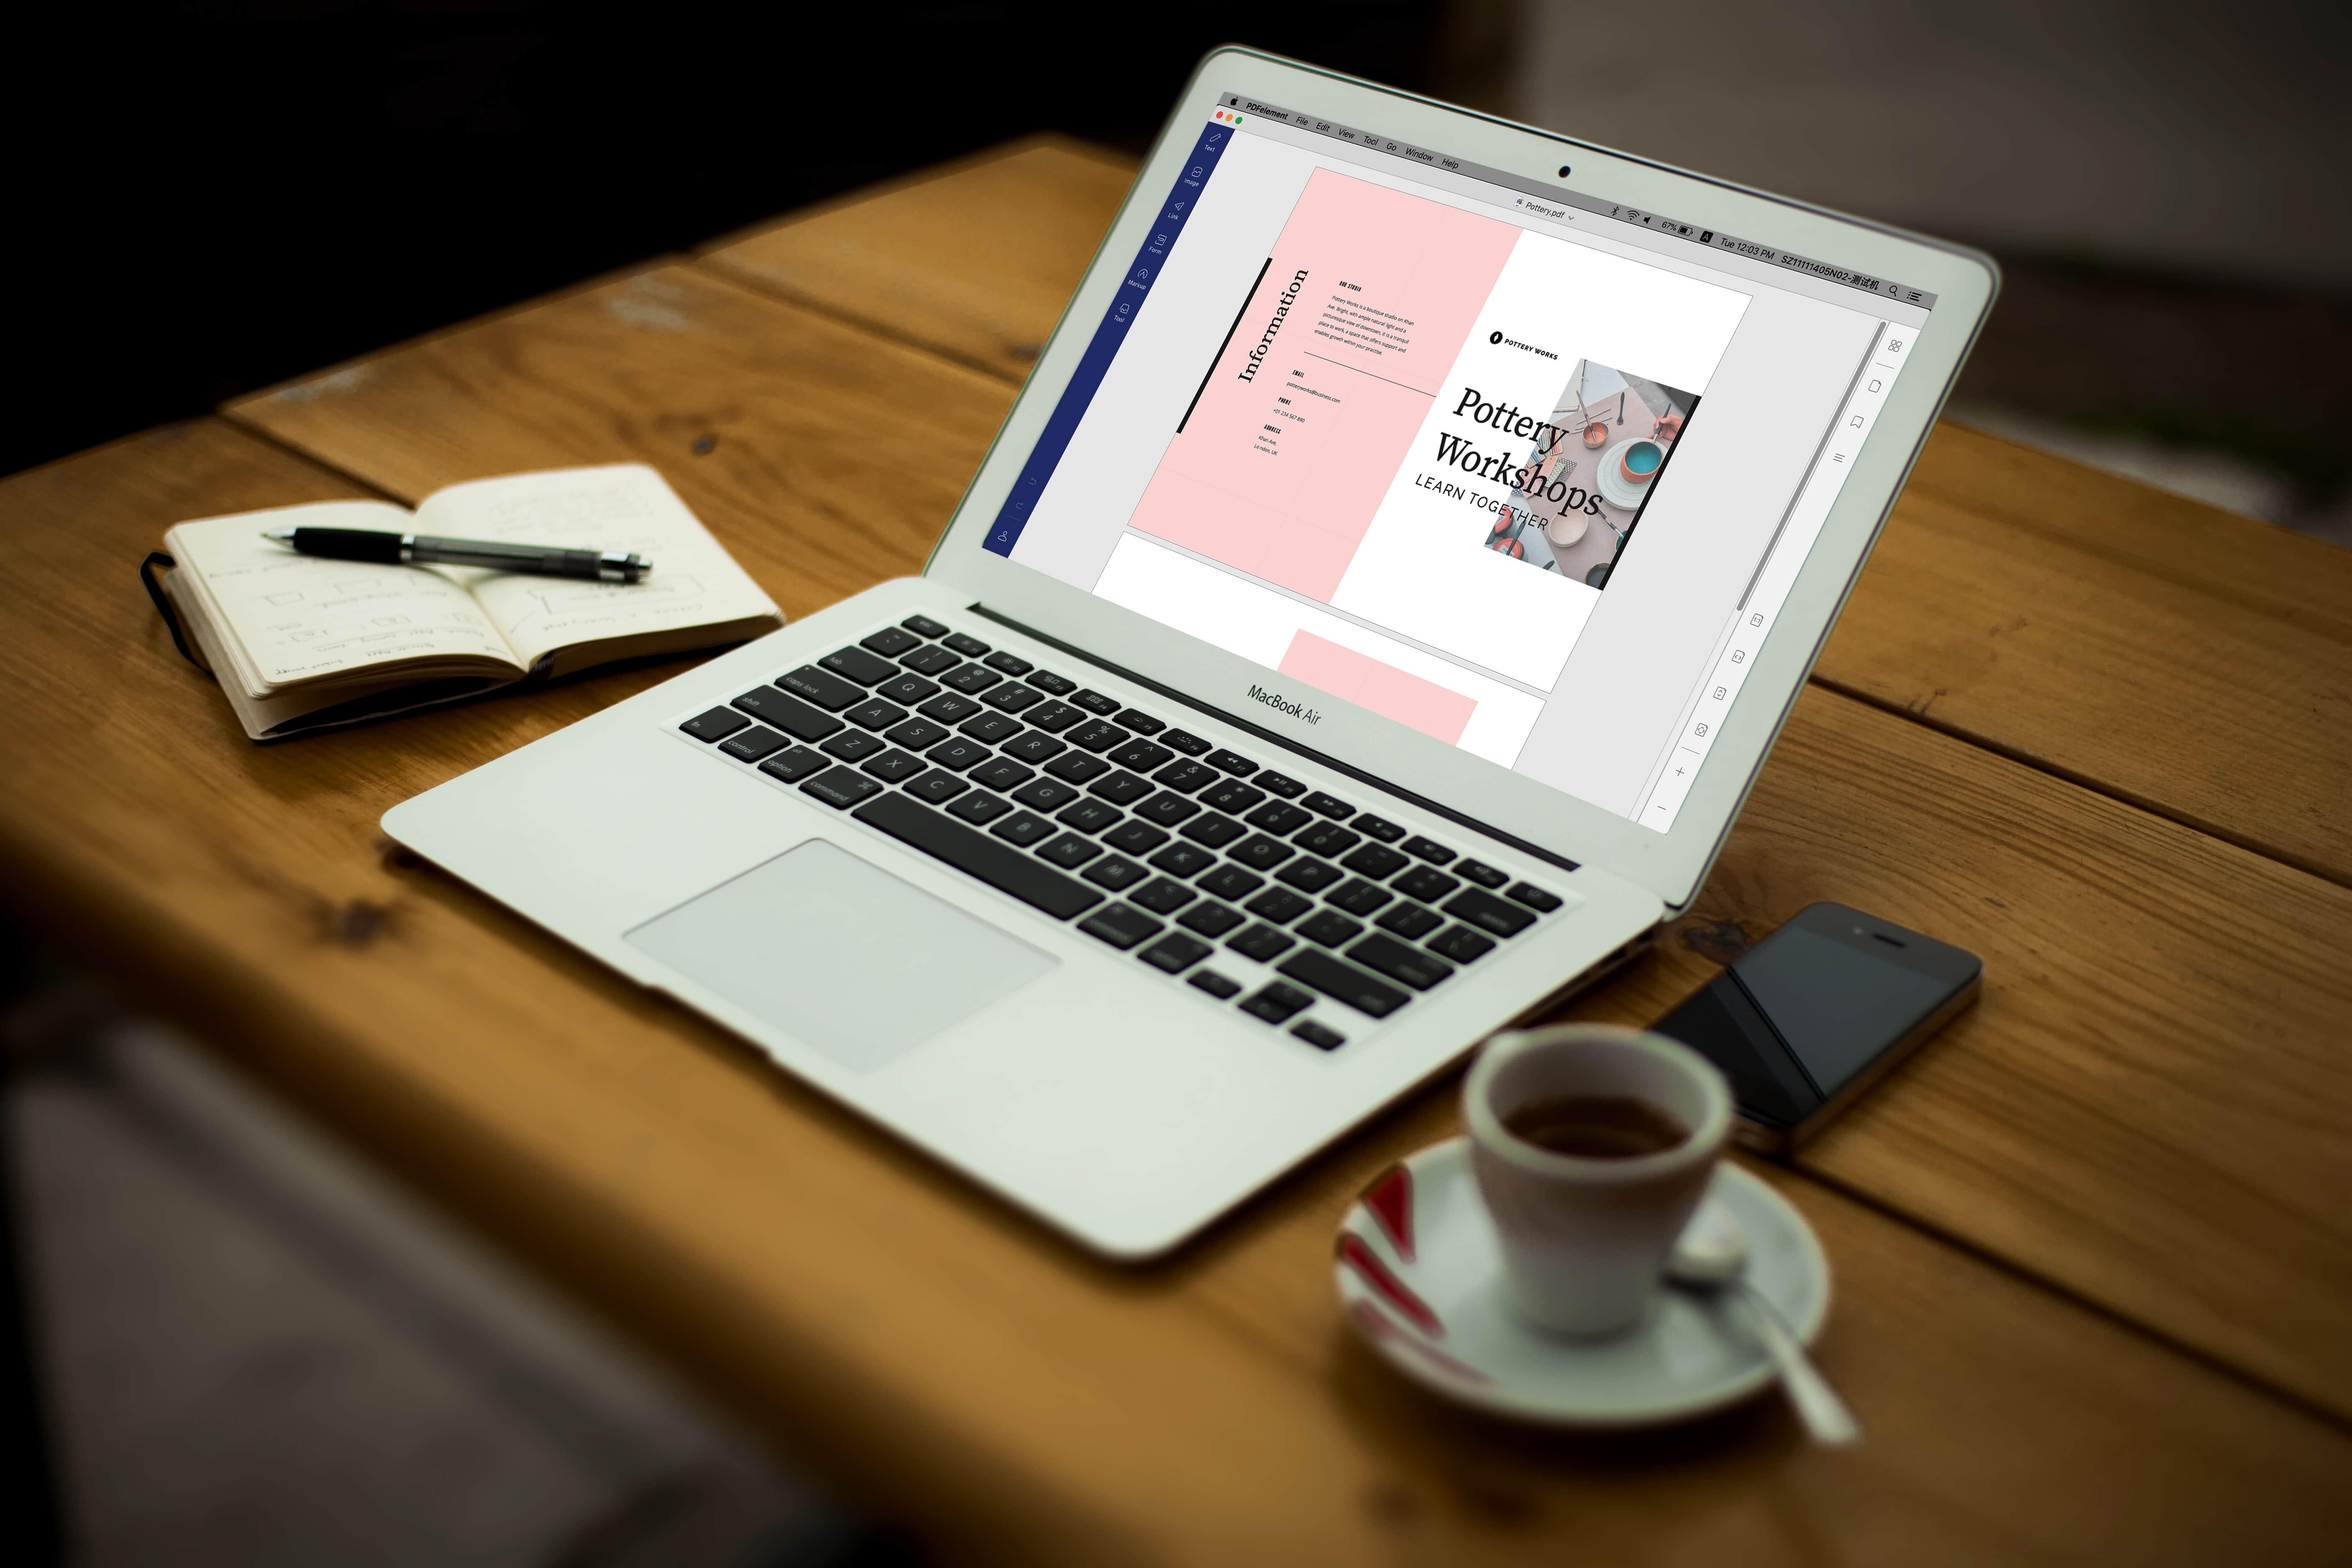 Как отредактировать текст в отсканированном PDF